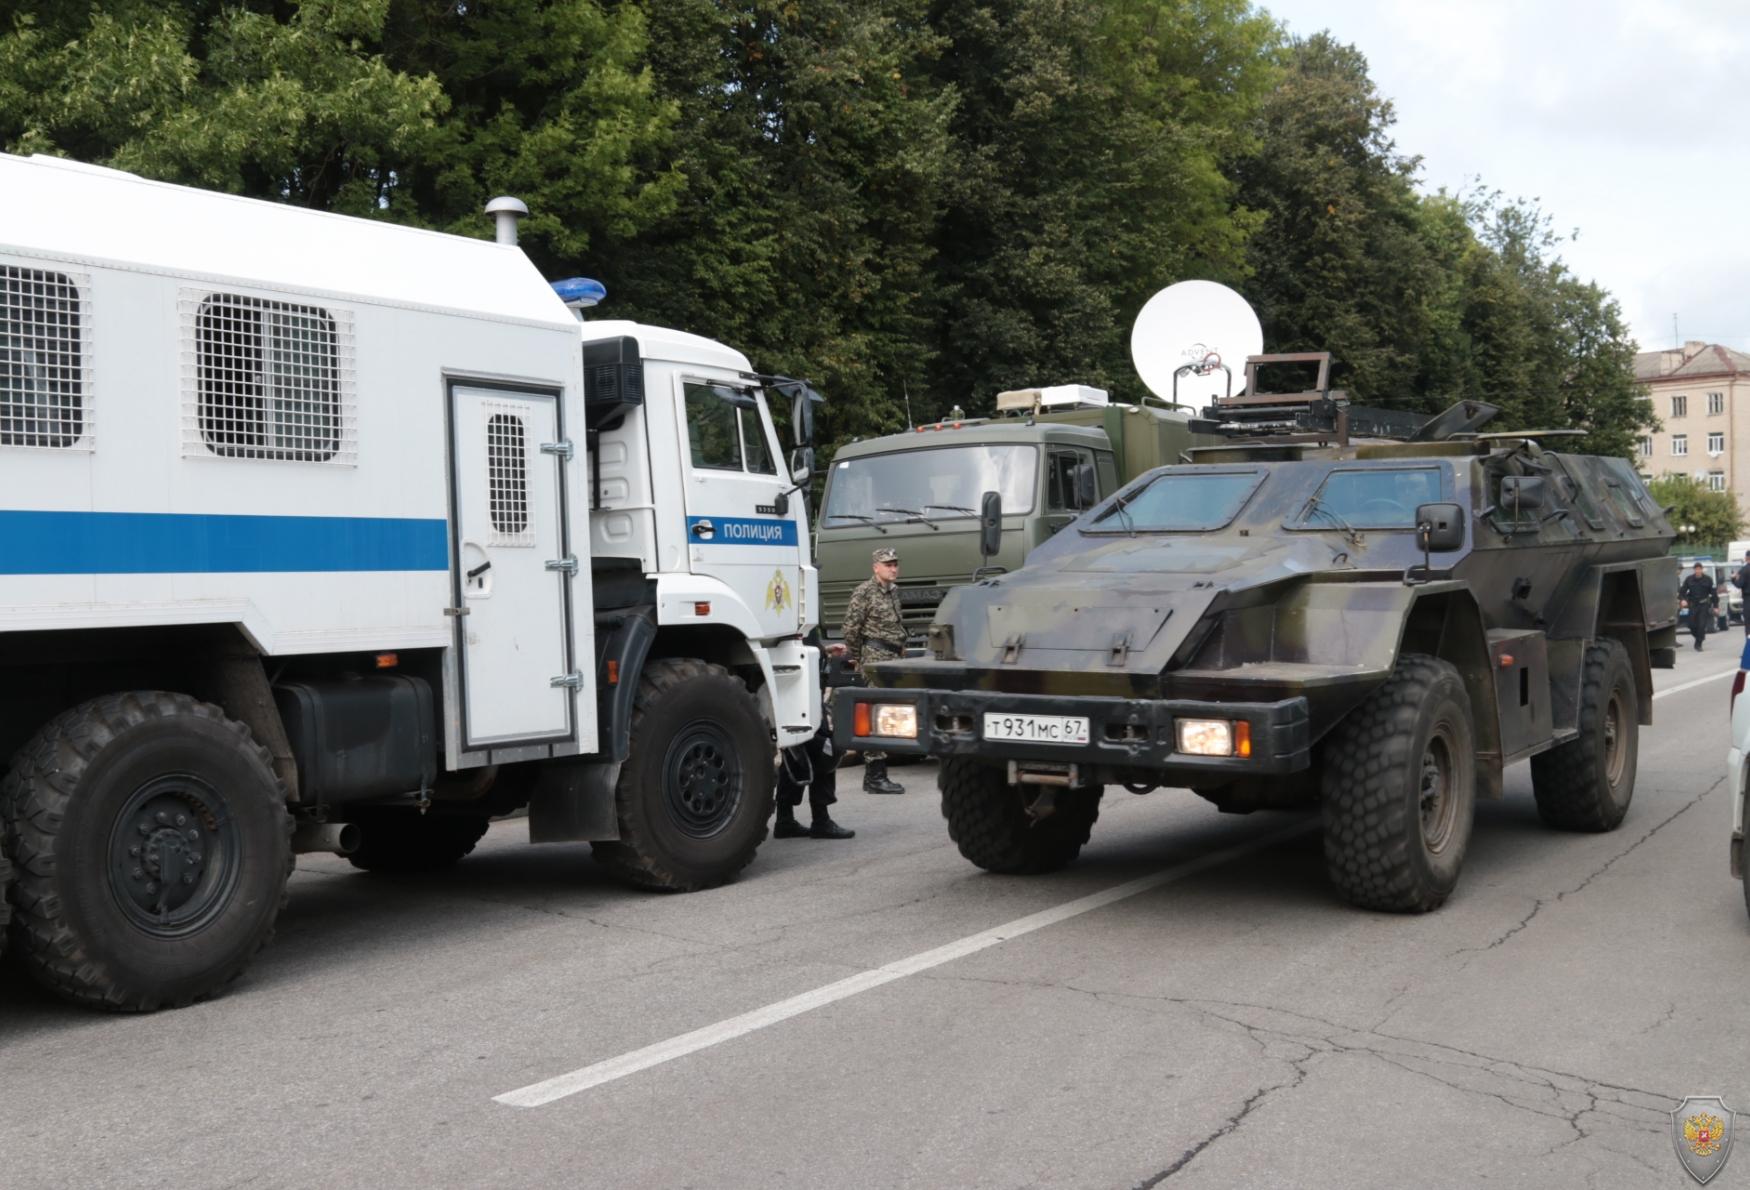 Оперативным штабом в Смоленской области  проведено тактико-специальное учение